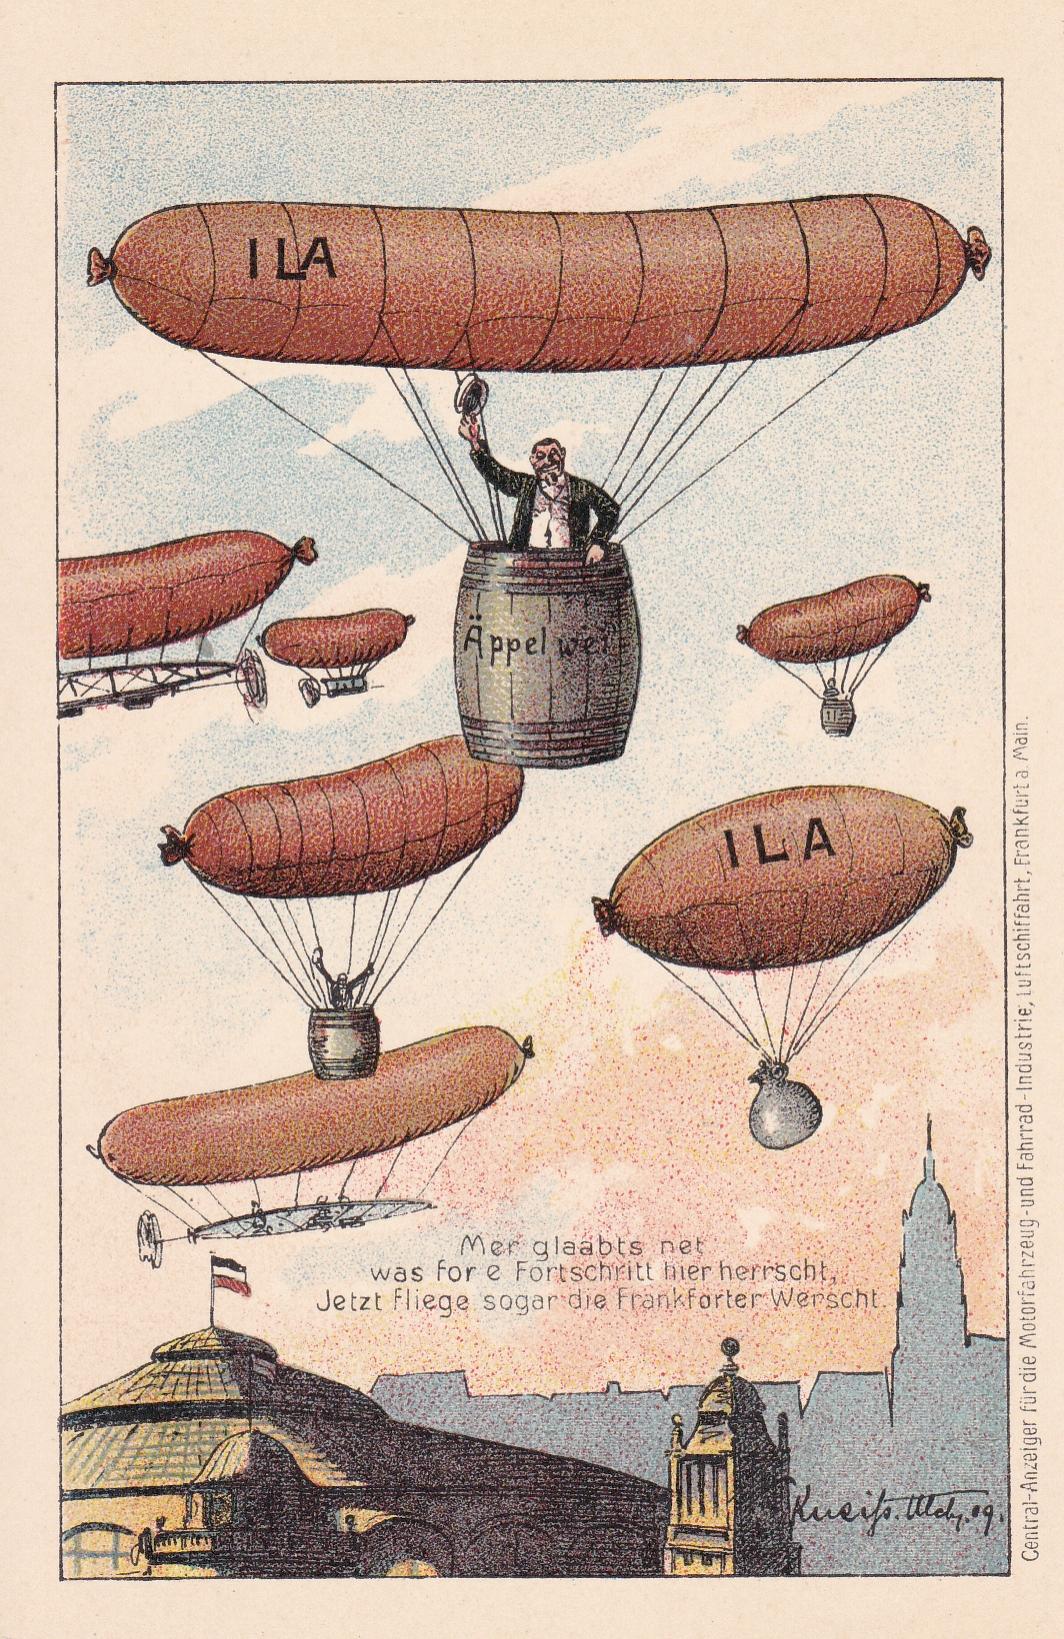 Luftfahrt-Ausstellung 1909 in Frankfurt